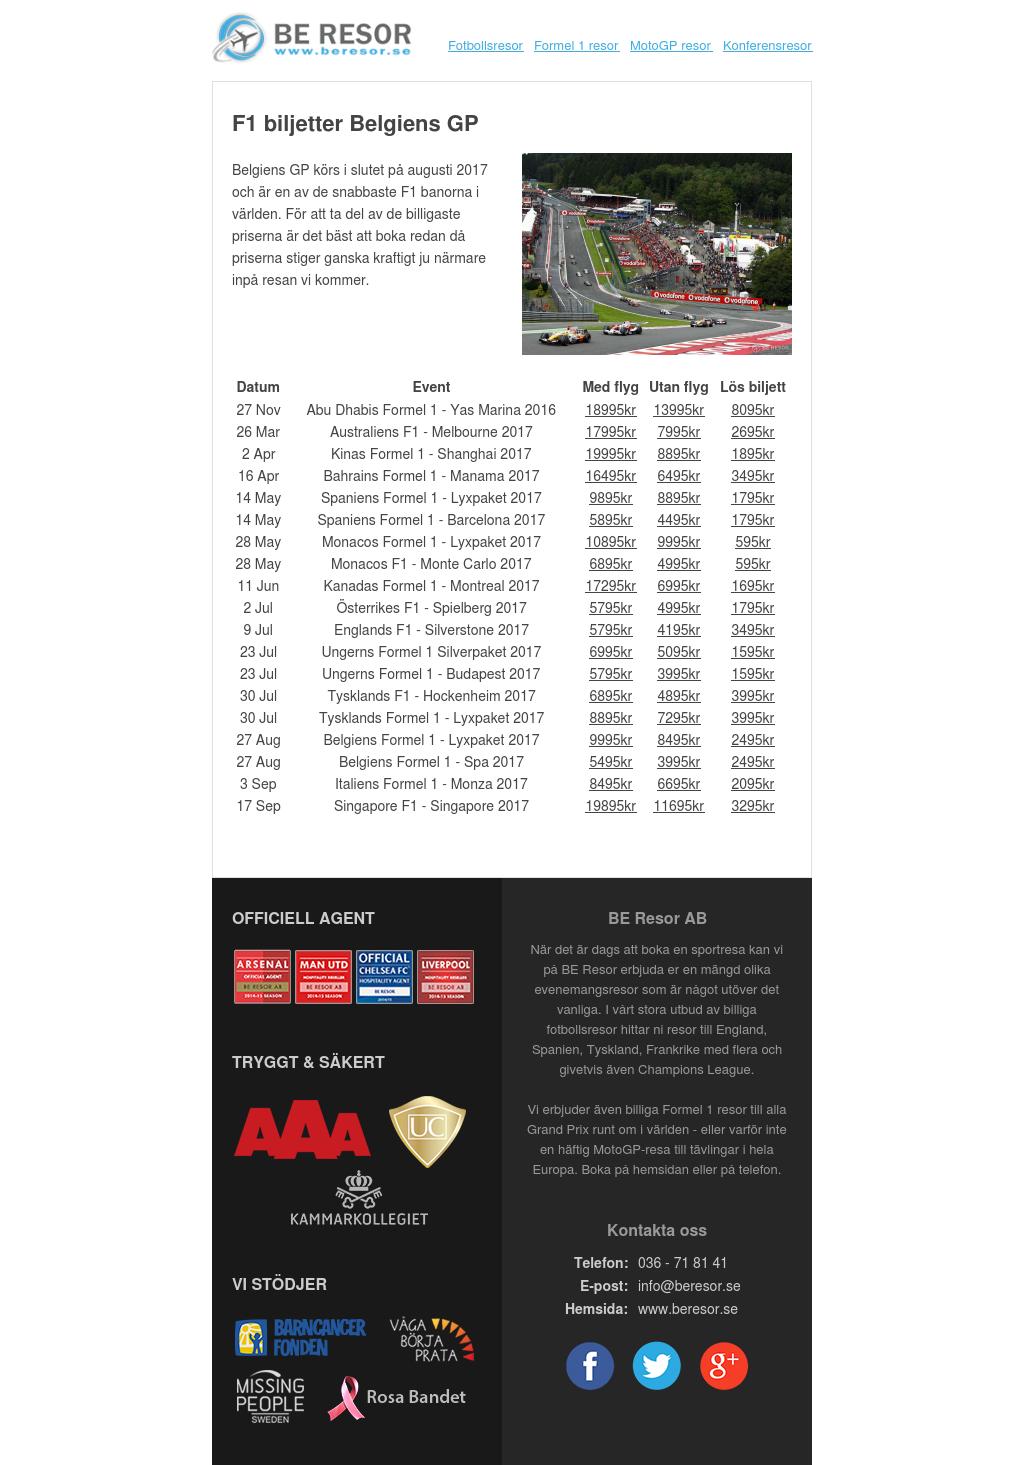 F1 biljetter Belgiens GP